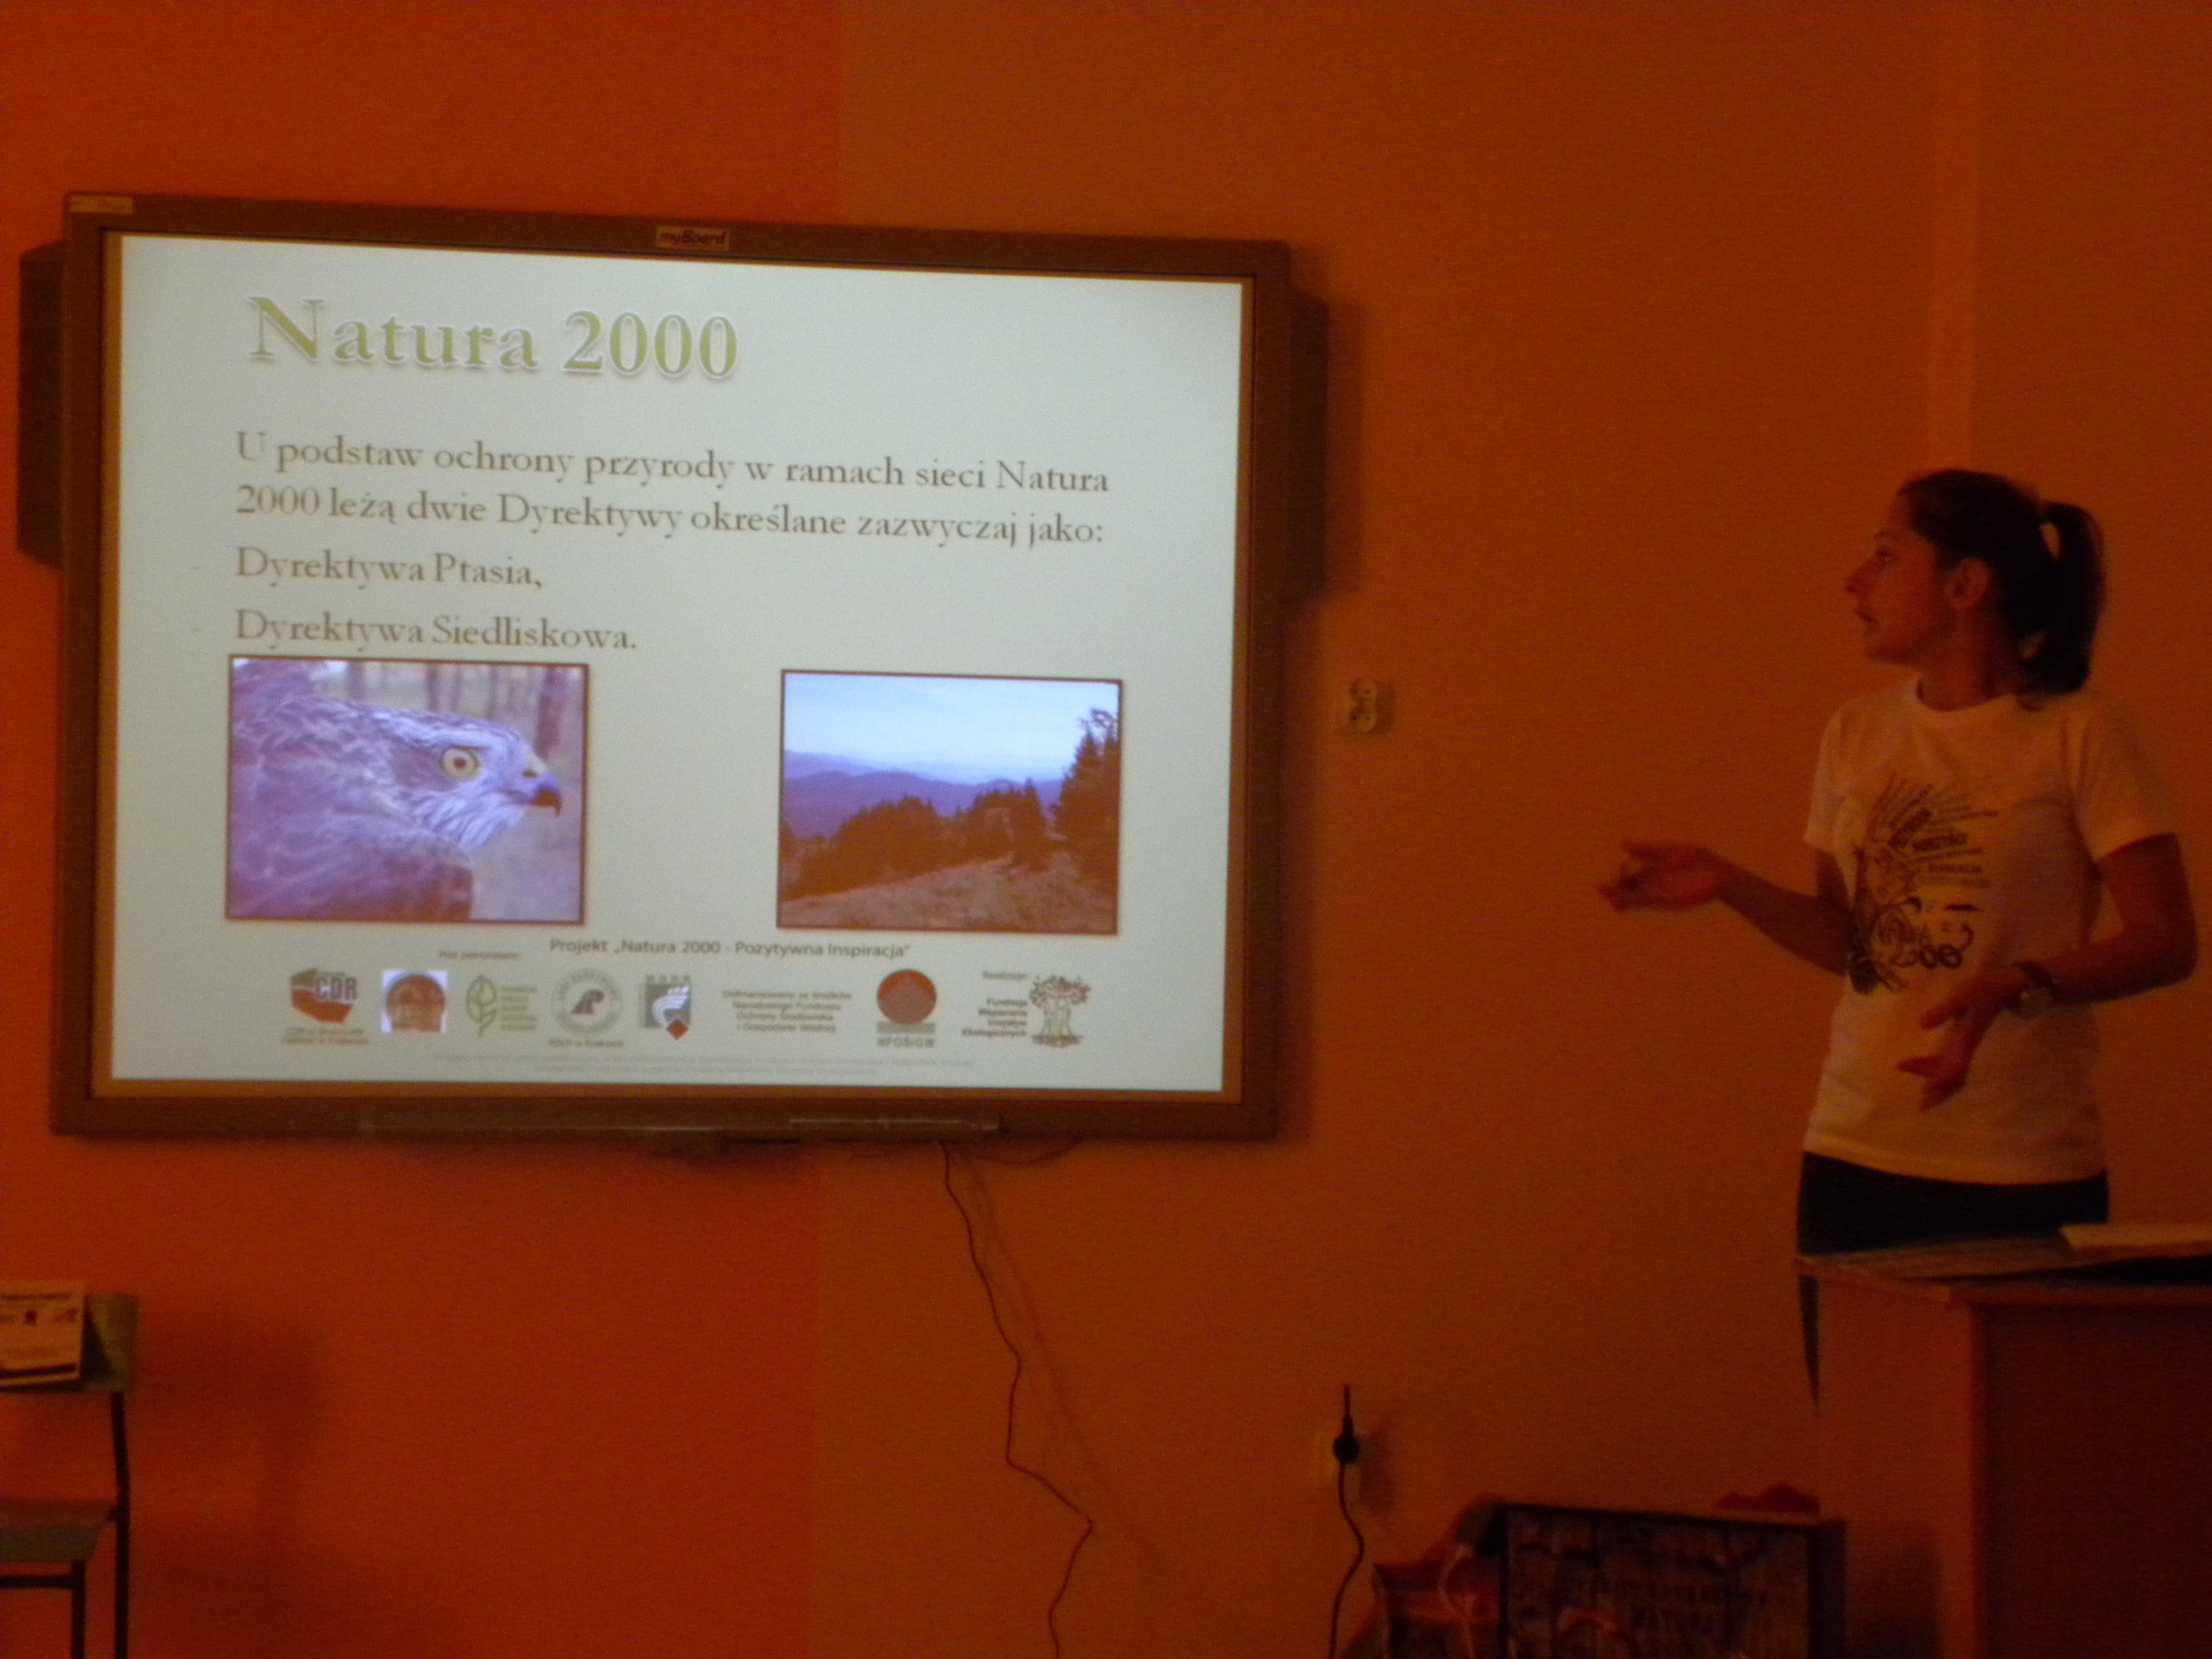 Warsztaty ekologiczne - Natura 2000, Autor: A. Chabło, 13.11.2014r.